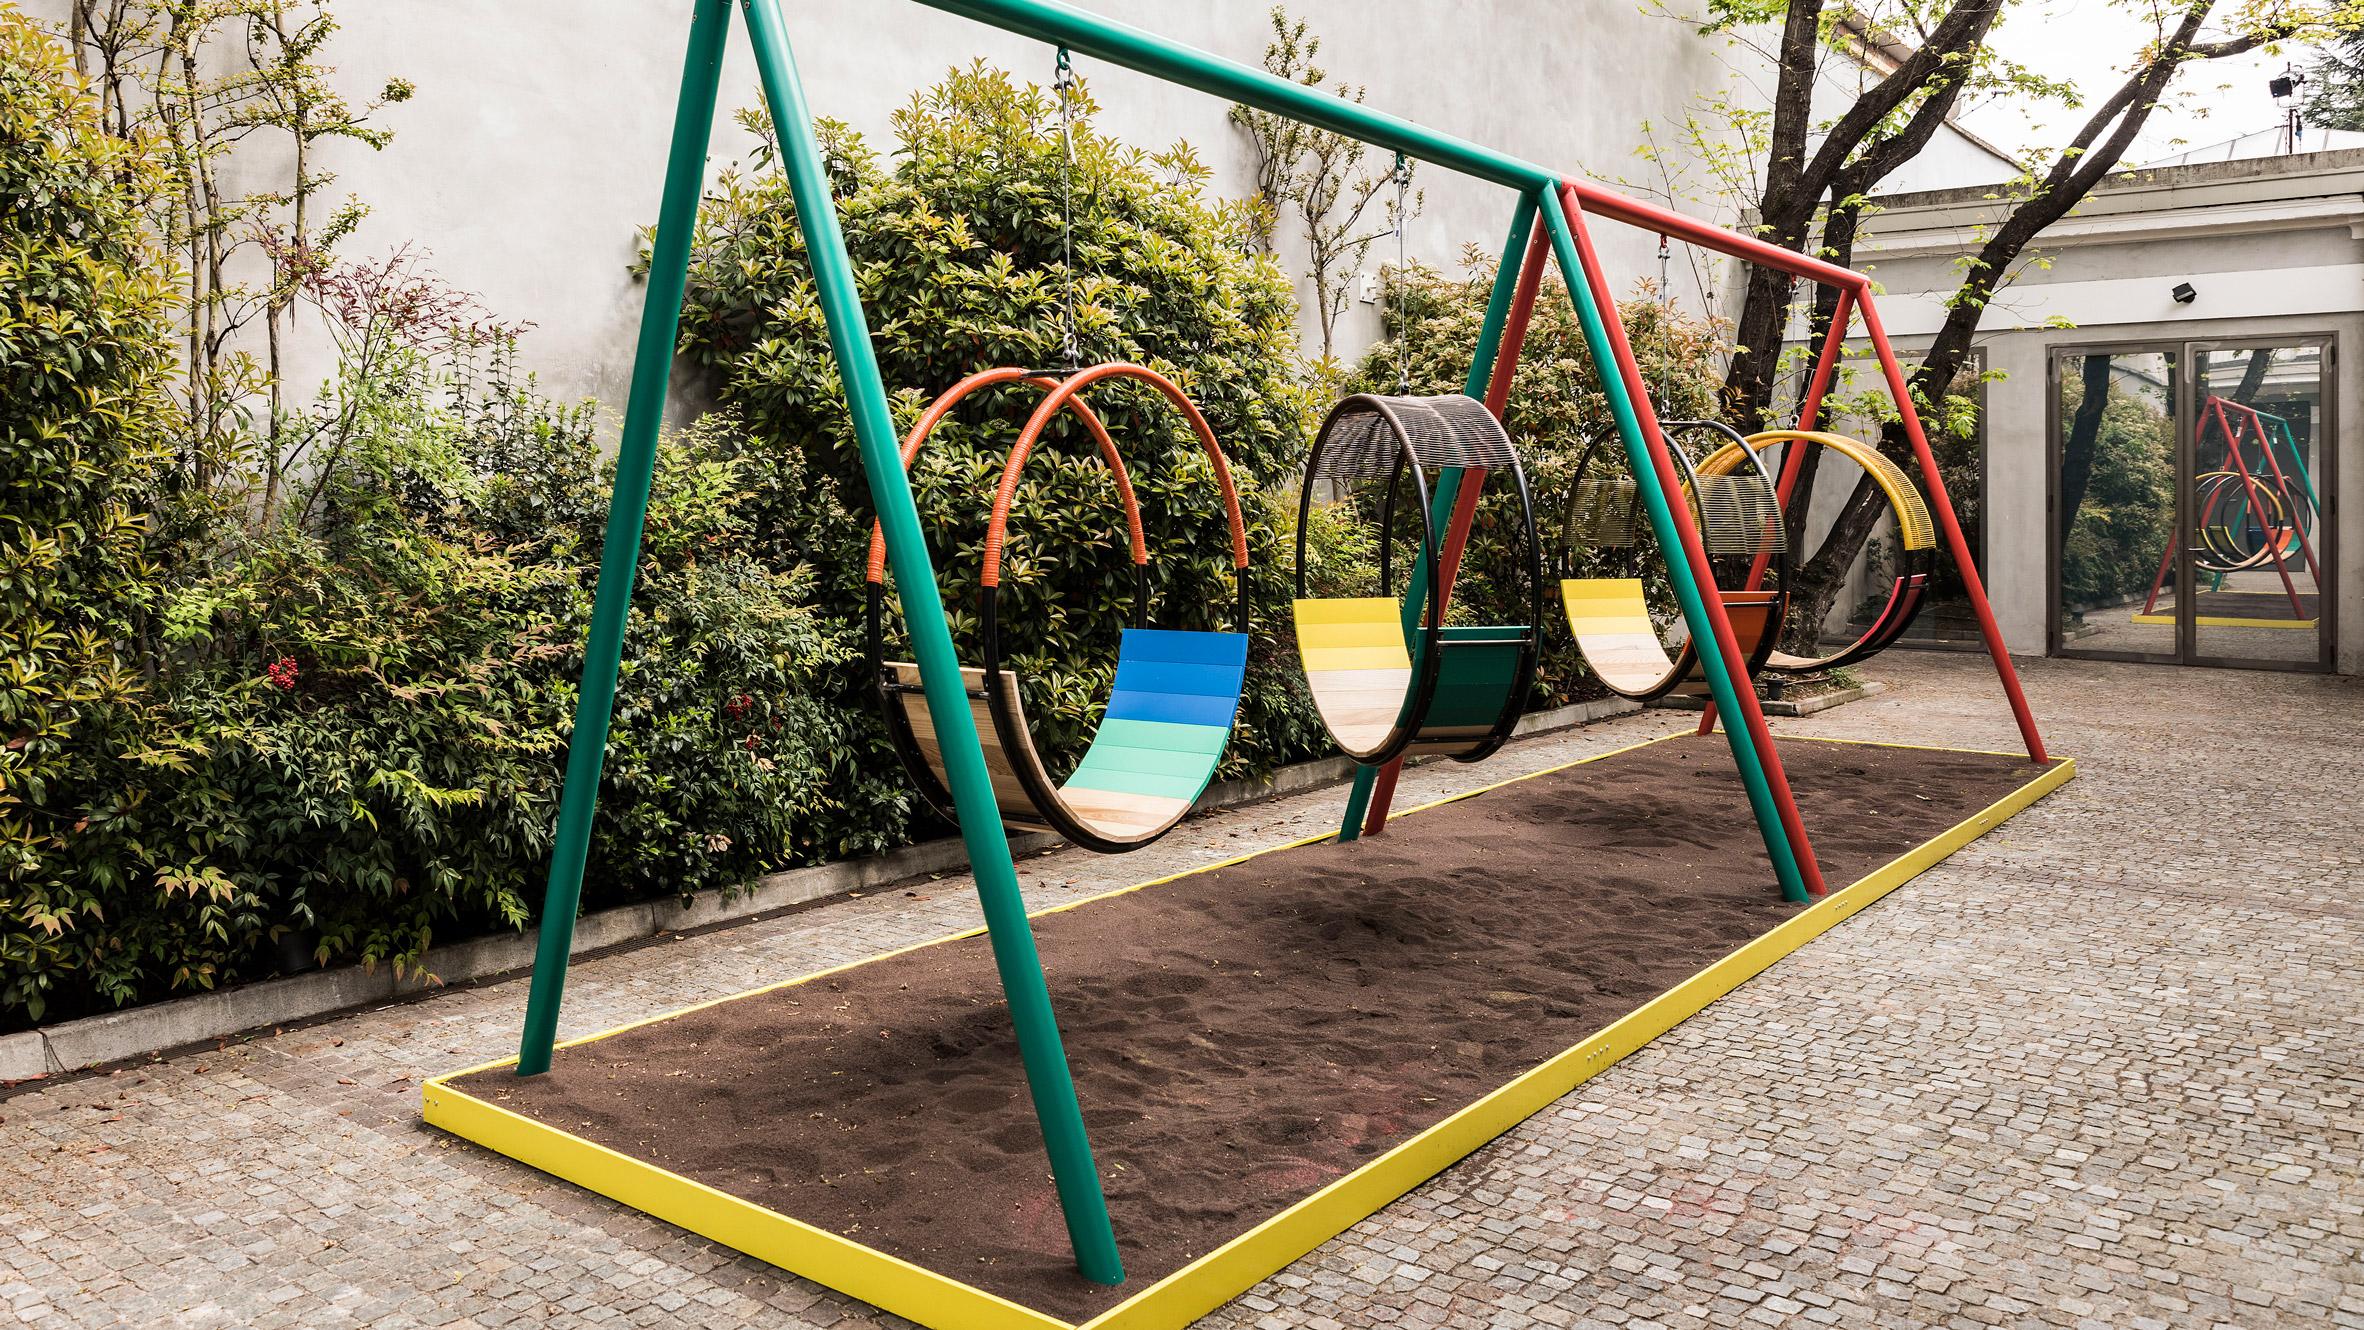 marni-playland-milan-design-week-furniture-toys-weaving-installation-chairs-_dezeen_hero-c